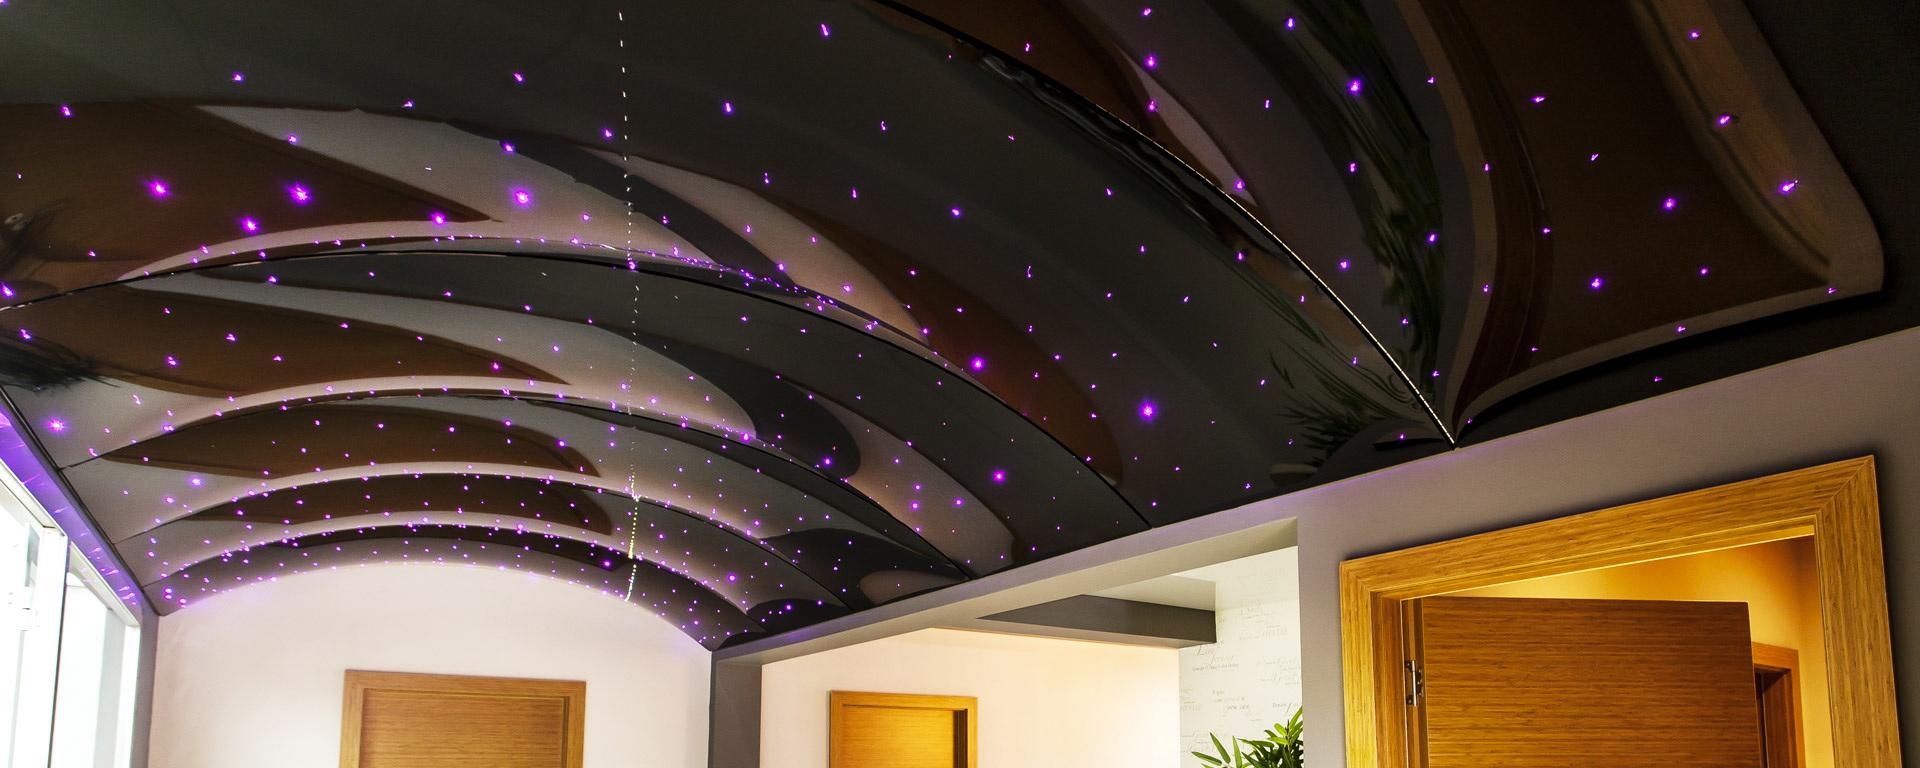 Подвесной потолок своими руками пошаговая инструкция с фото фото 74